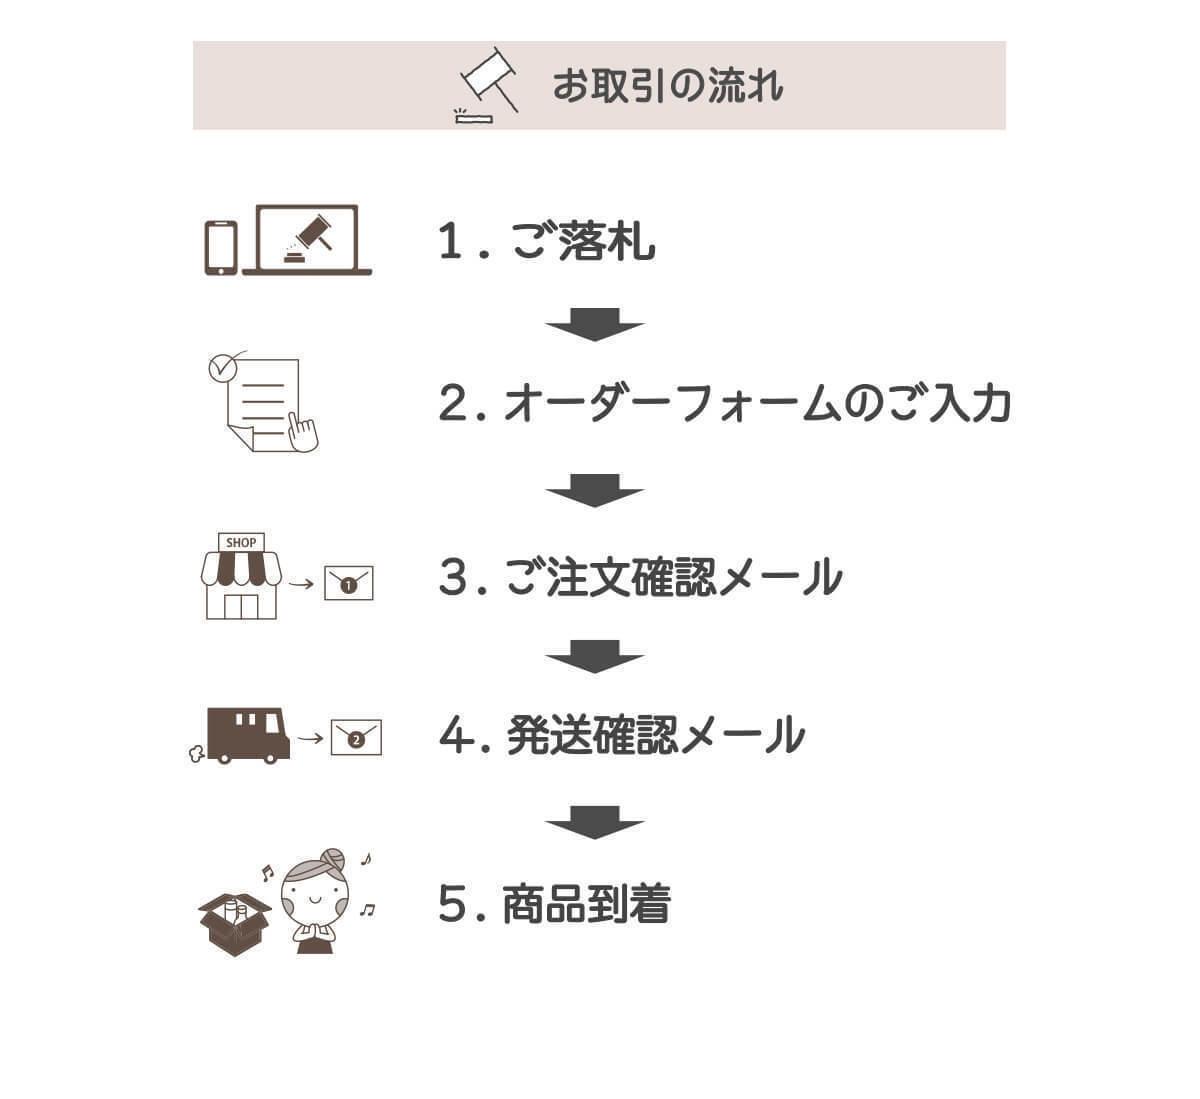 ☆ ナノエッグ ふわり 薬用育毛剤 泡タイプ 医薬部外品 150ml 未開封_画像4